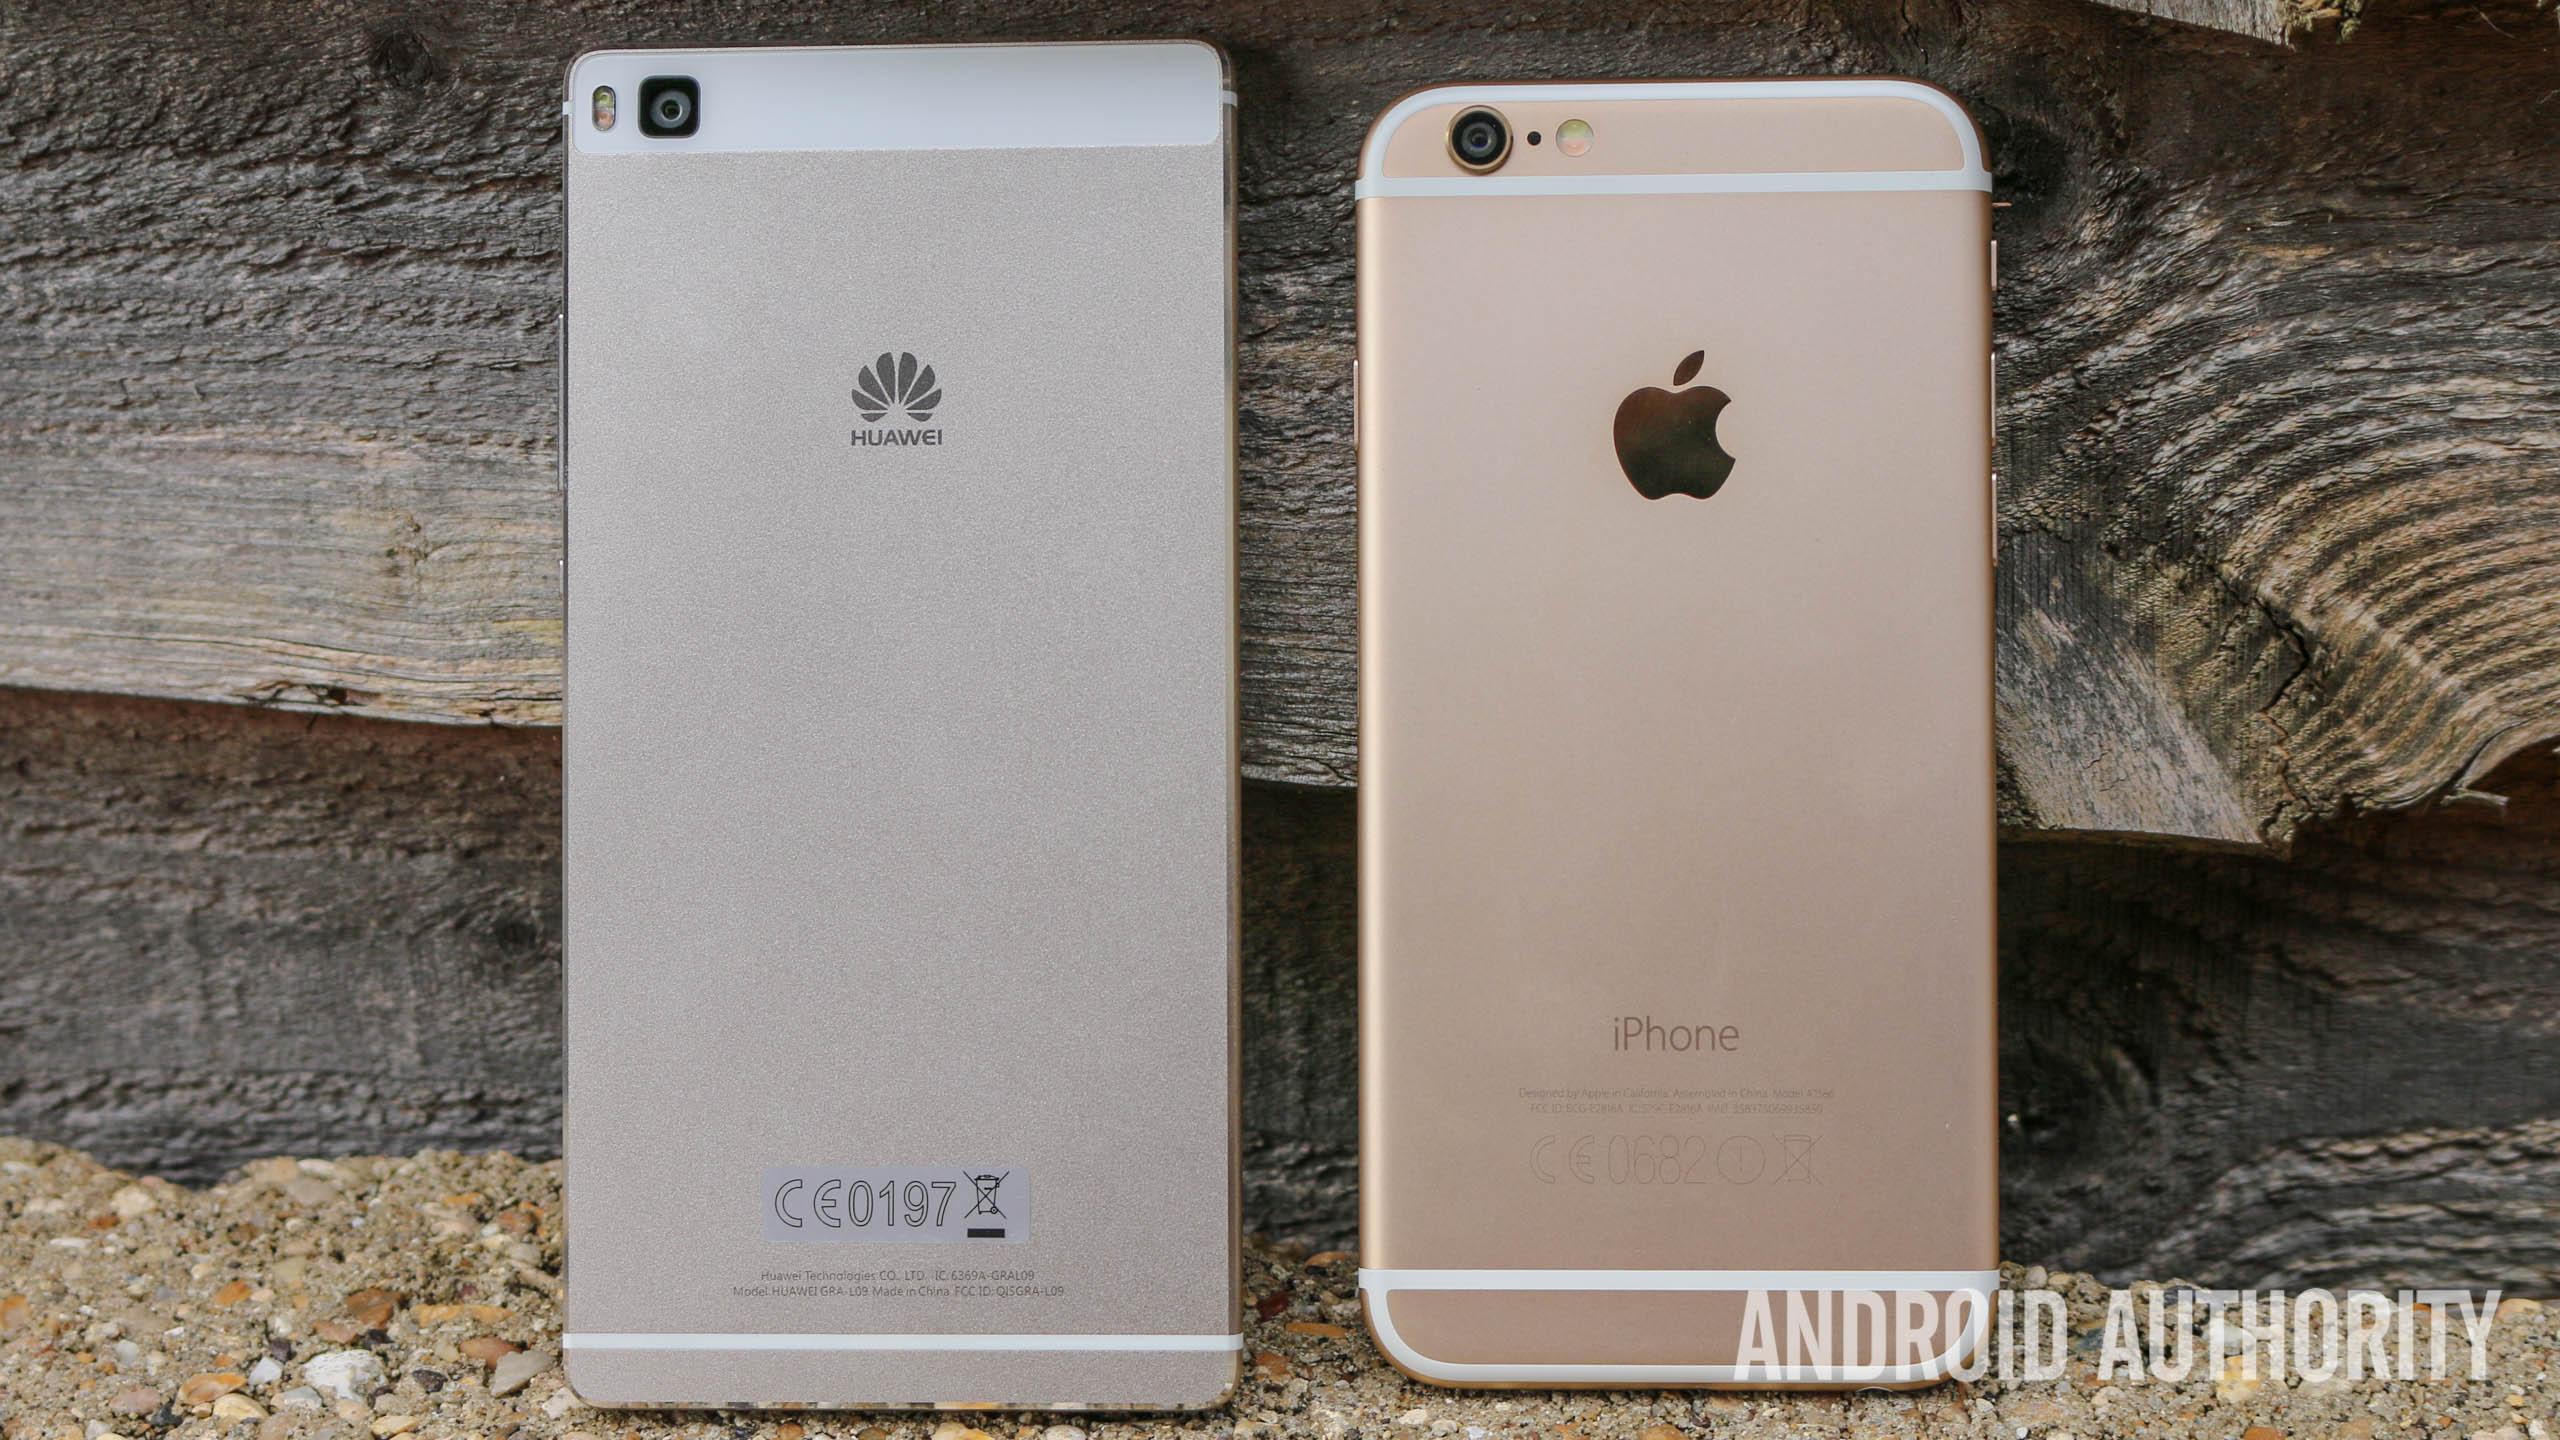 Iphone  Sim Free Price Comparison